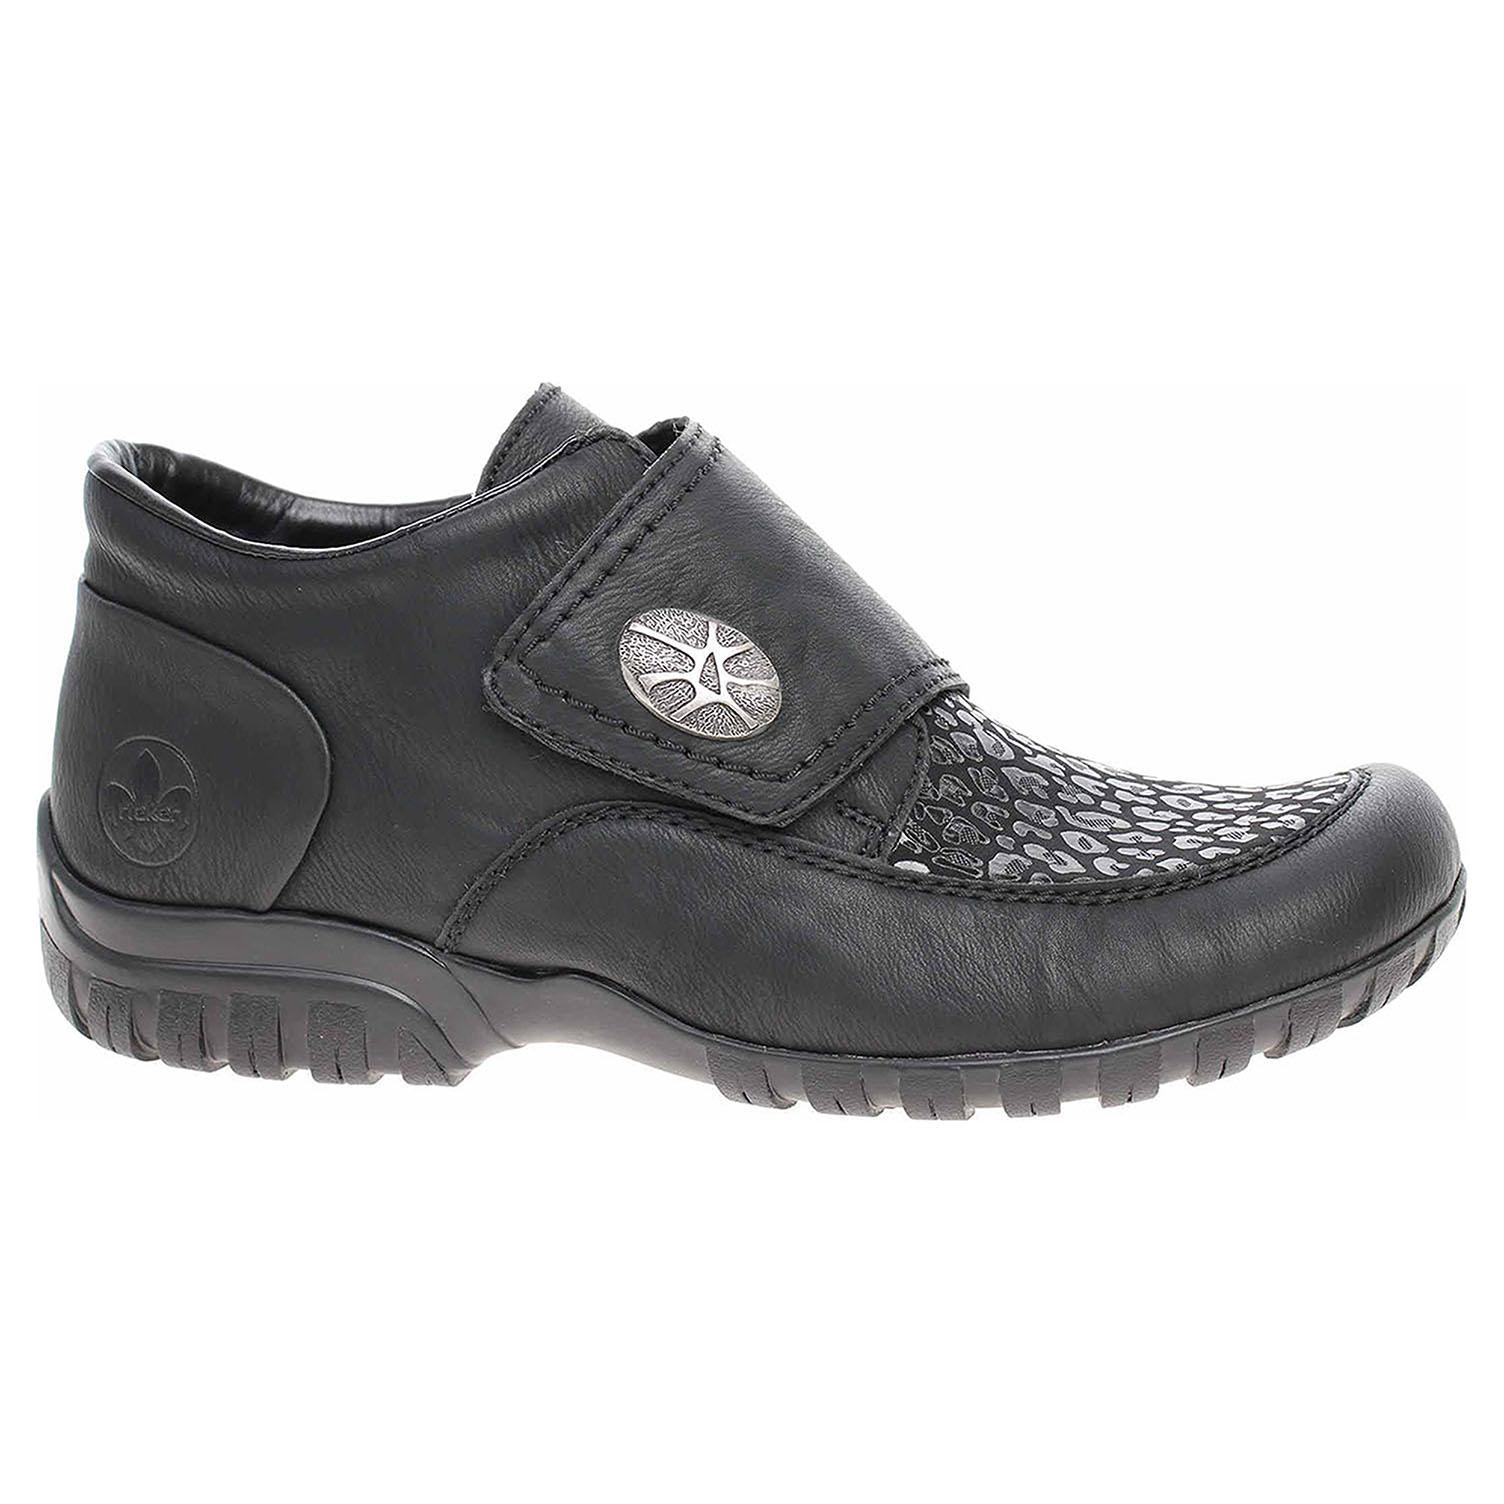 Dámská kotníková obuv Rieker L4664-00 schwarz L4664-00 39